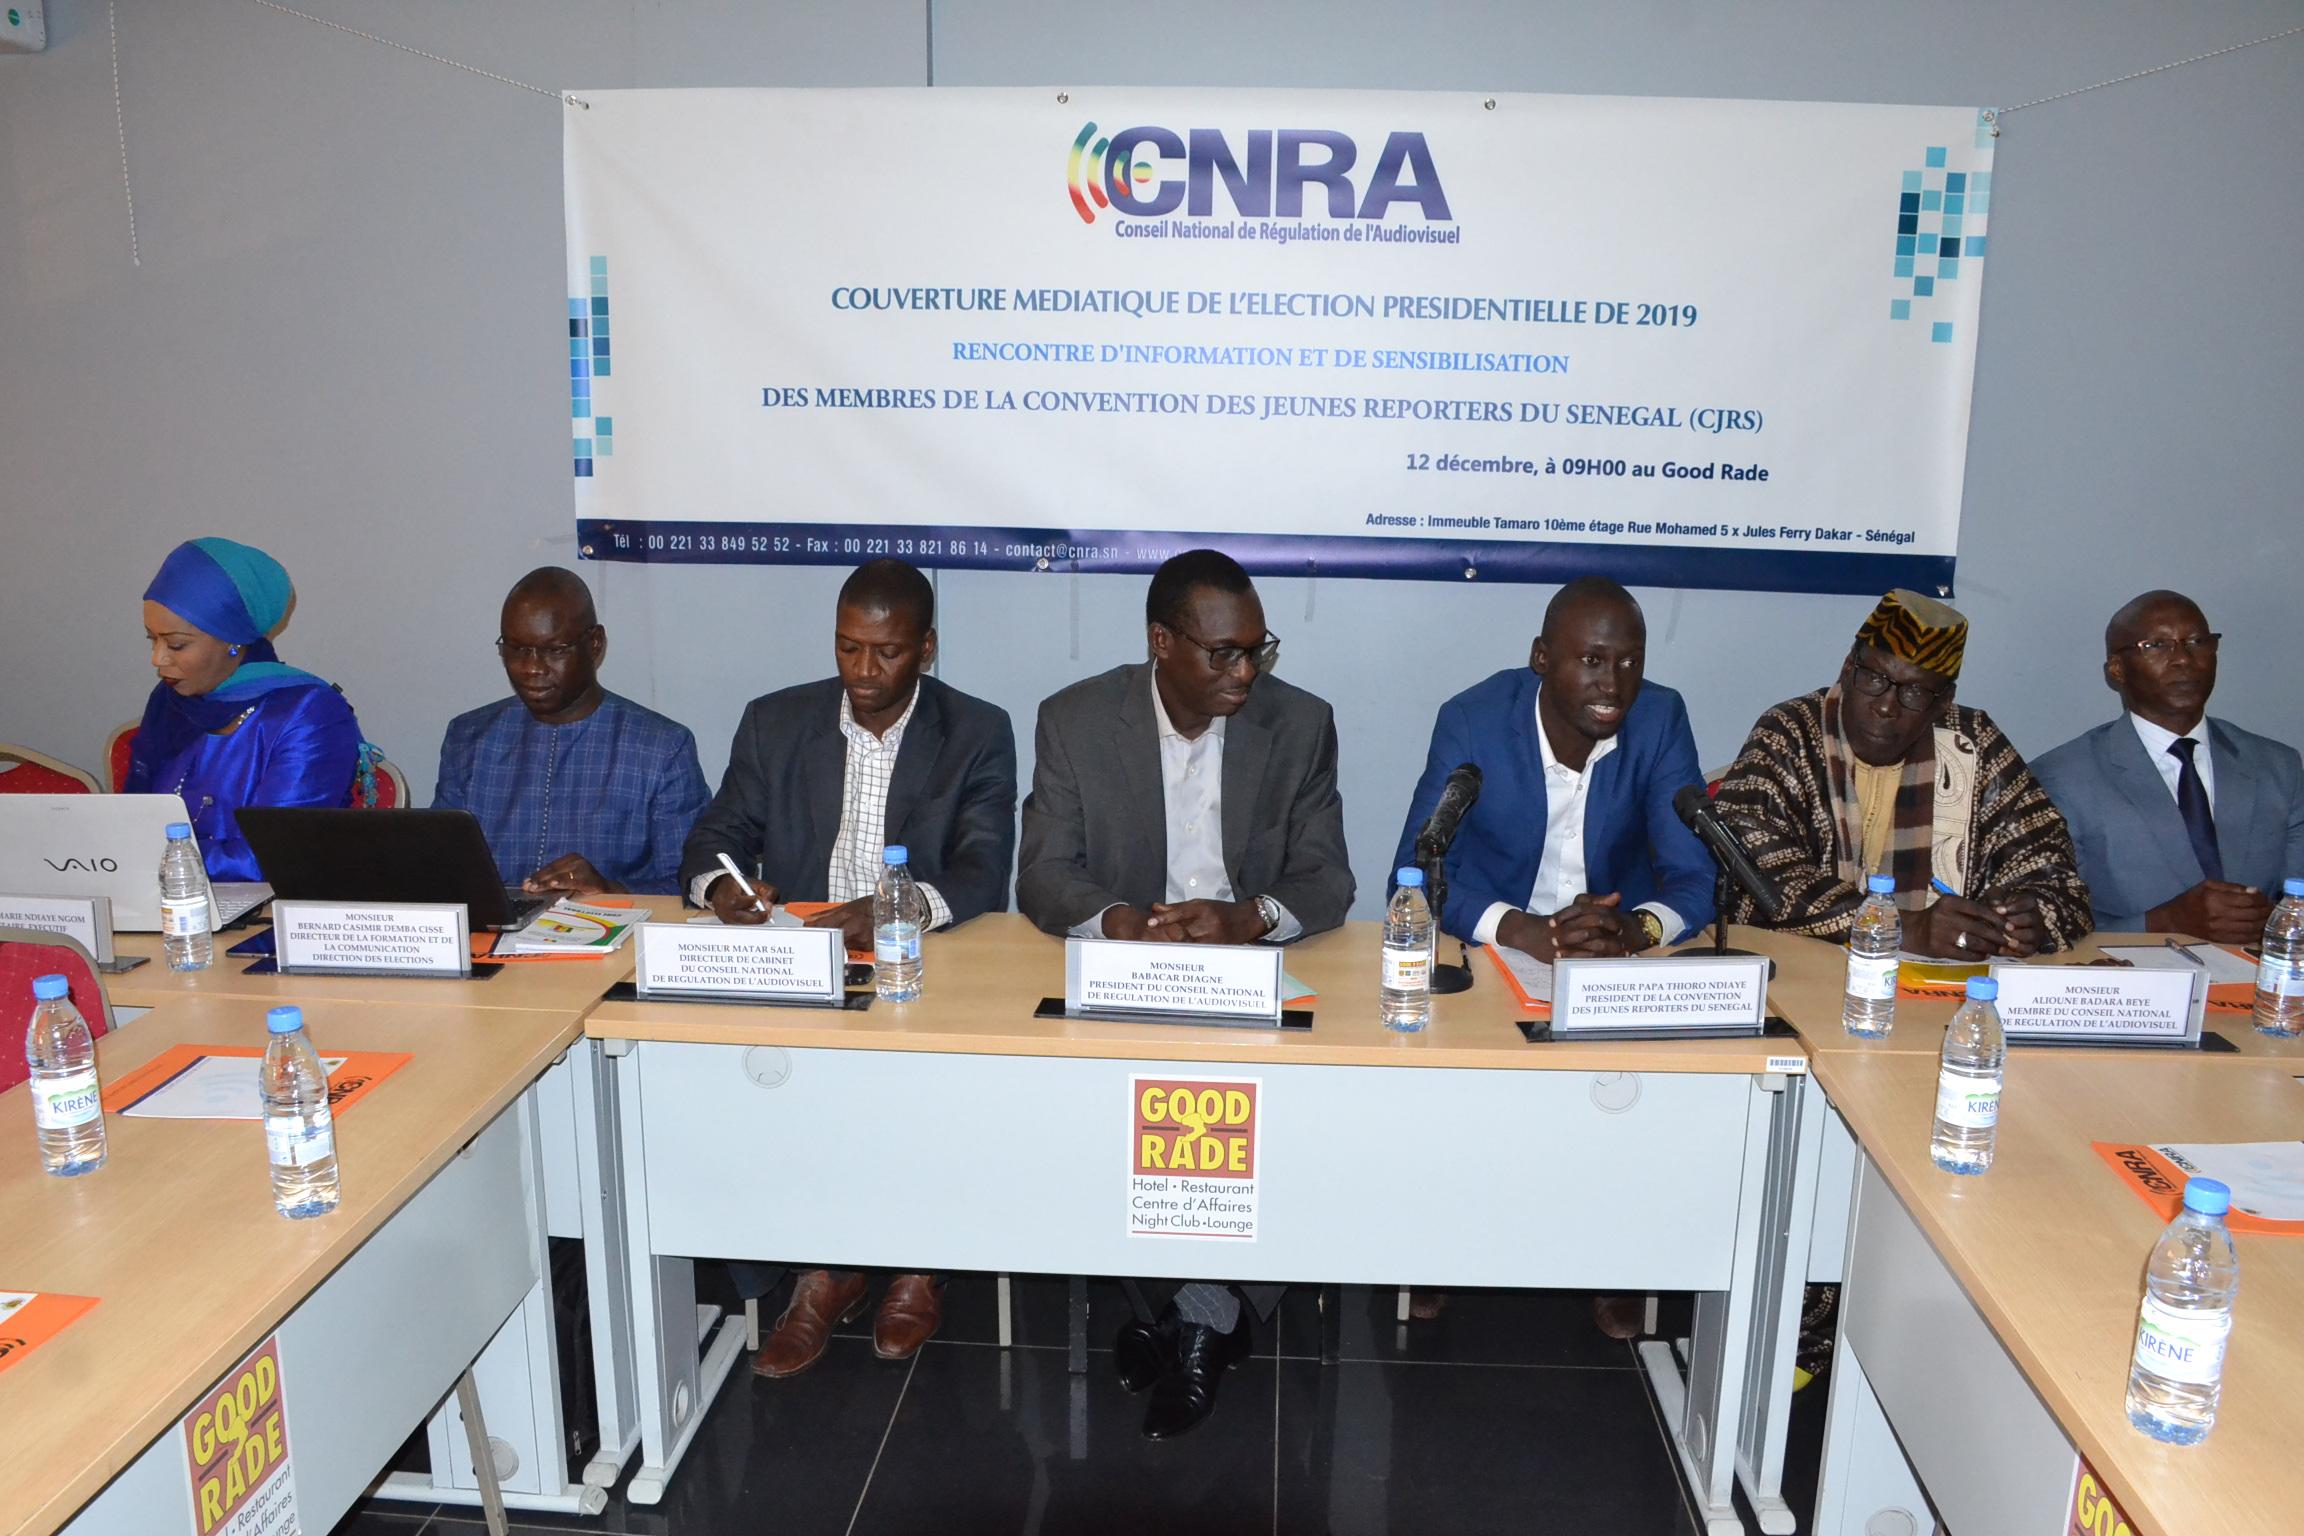 PUBLICITE DES PRODUITS DE DEPIGMENTATION : Le CNRA met en demeure la SENTV, la ZIKFM et la TFM.